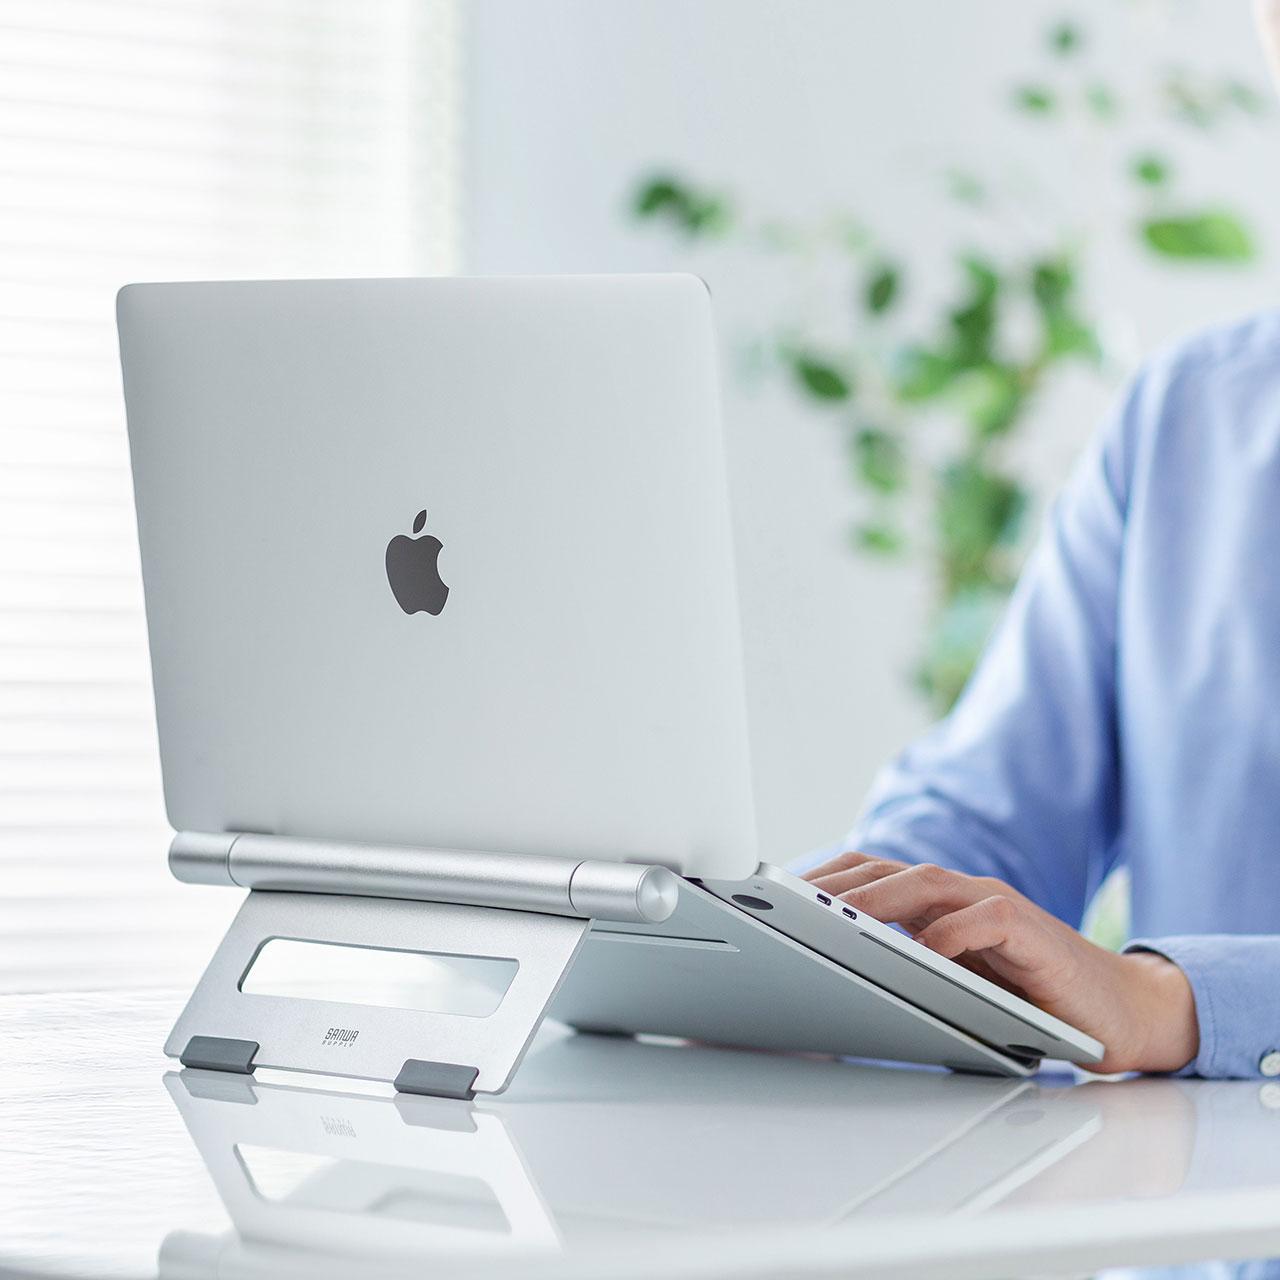 負担を軽減するアルミ製ノートパソコンスタンドがサンワサプライより発売